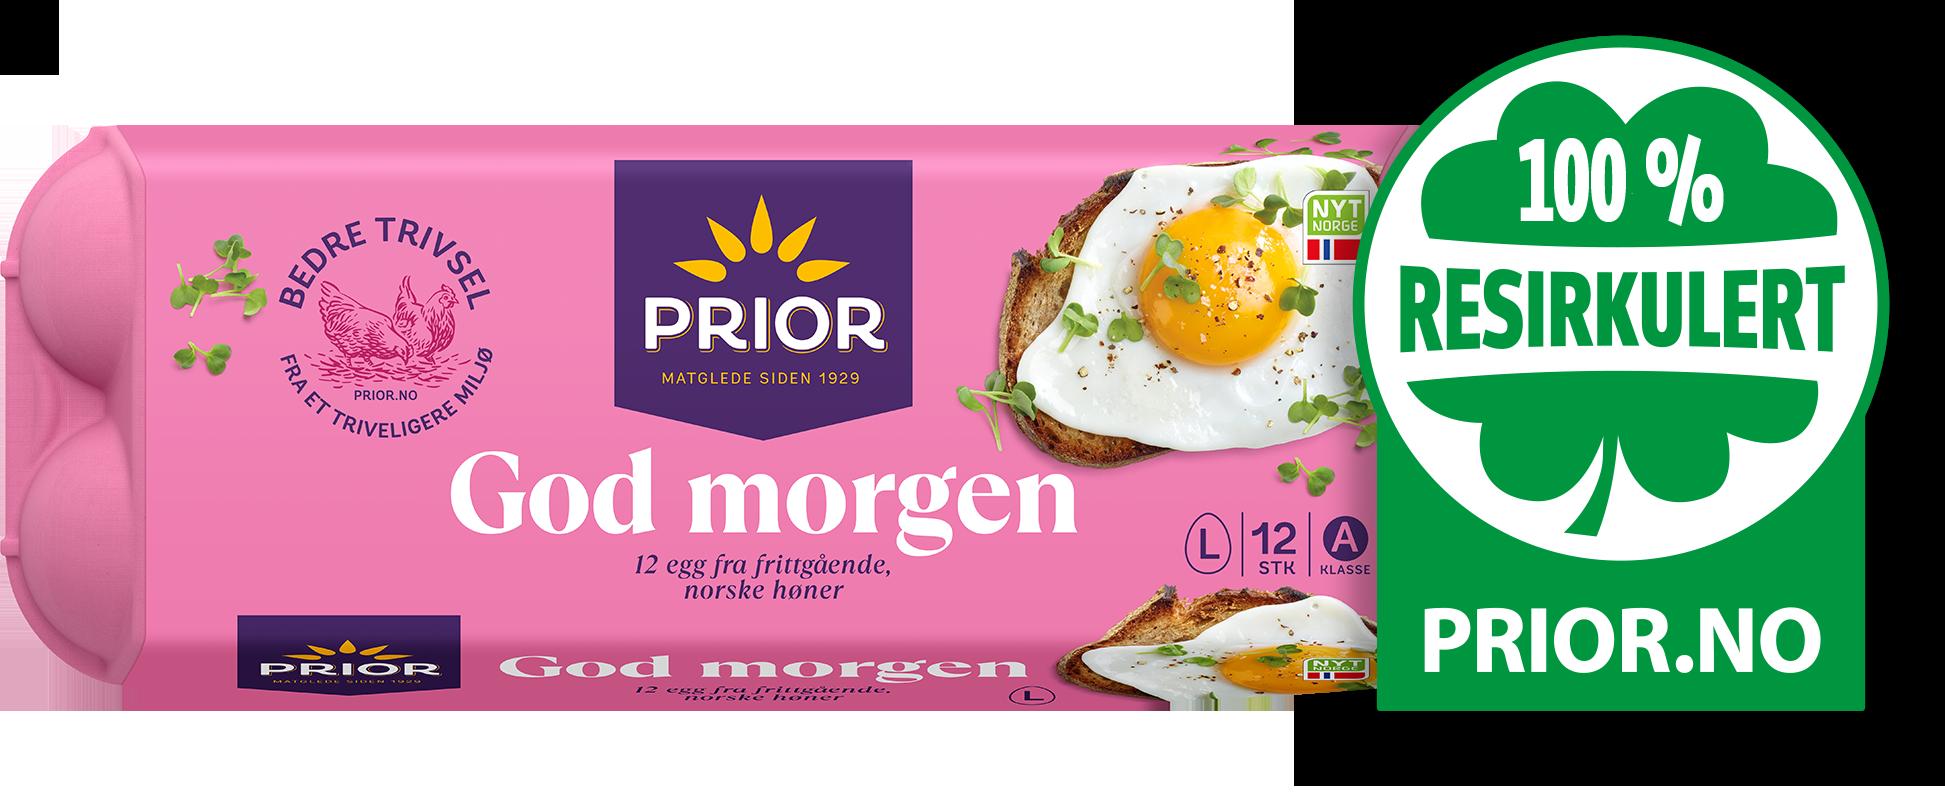 Frokost egg - Eggekartongene til Prior egg er 100% resirkulert!